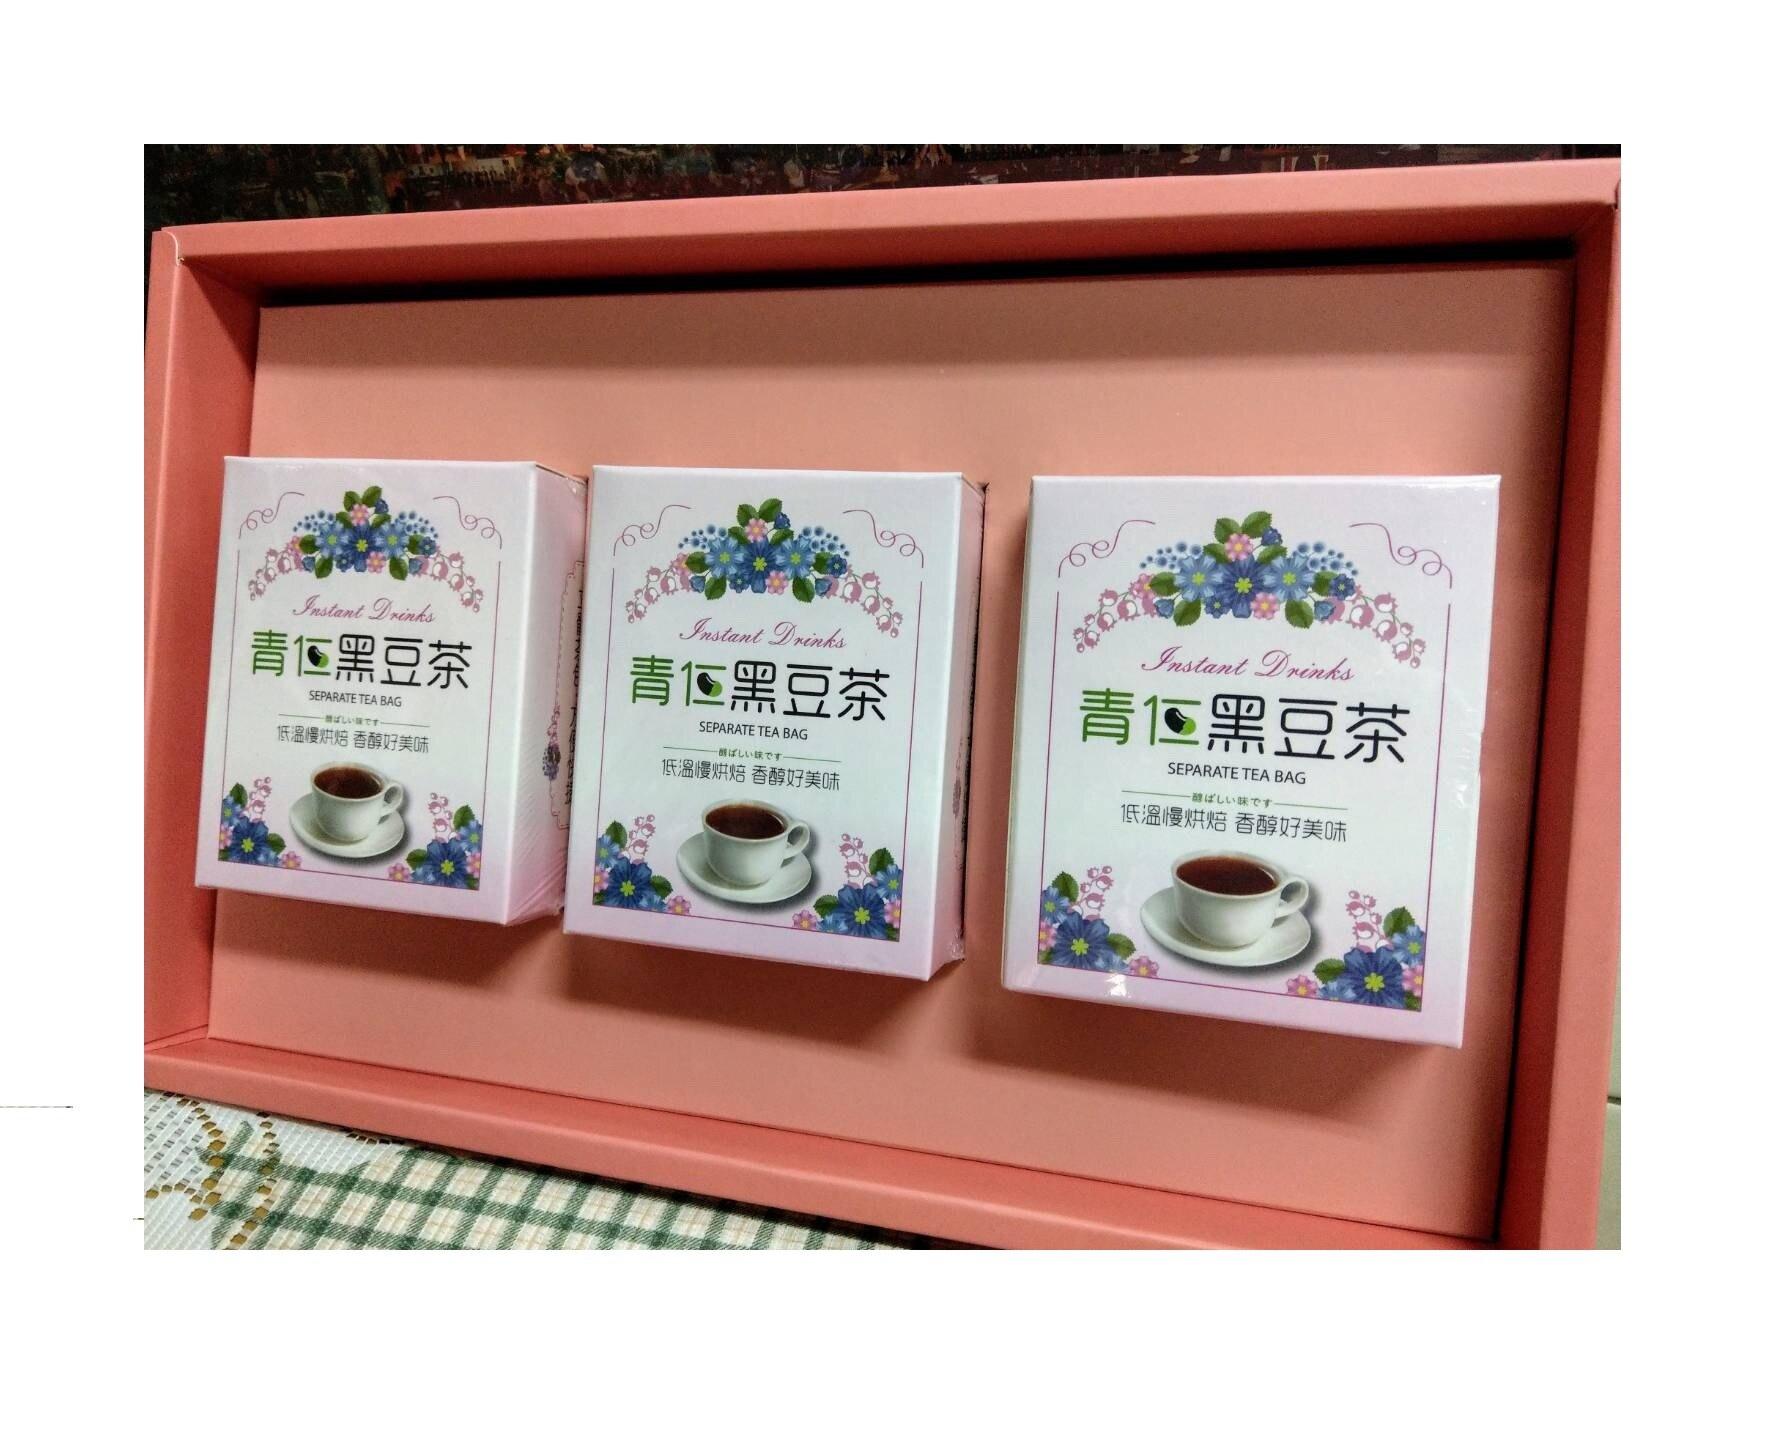 小確幸黑豆茶禮盒(3入/盒)